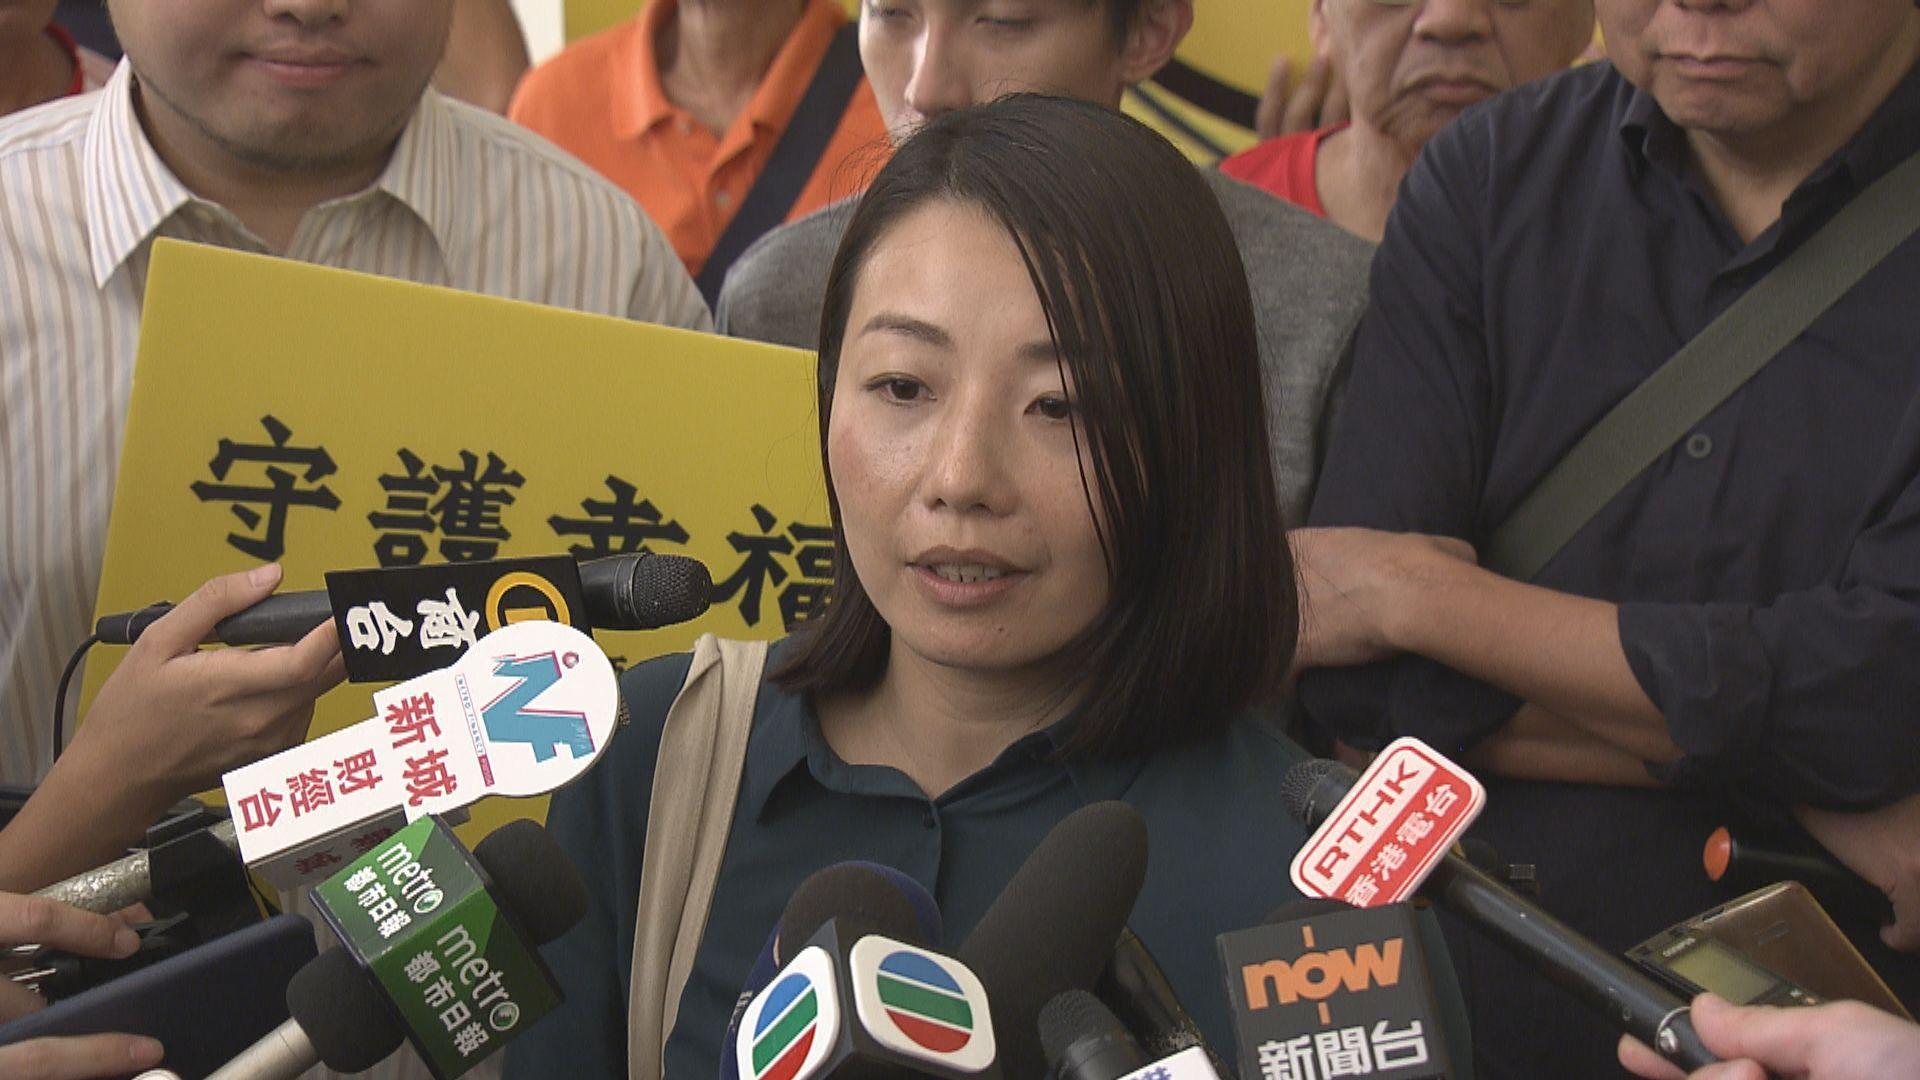 劉小麗被裁定參選提名無效